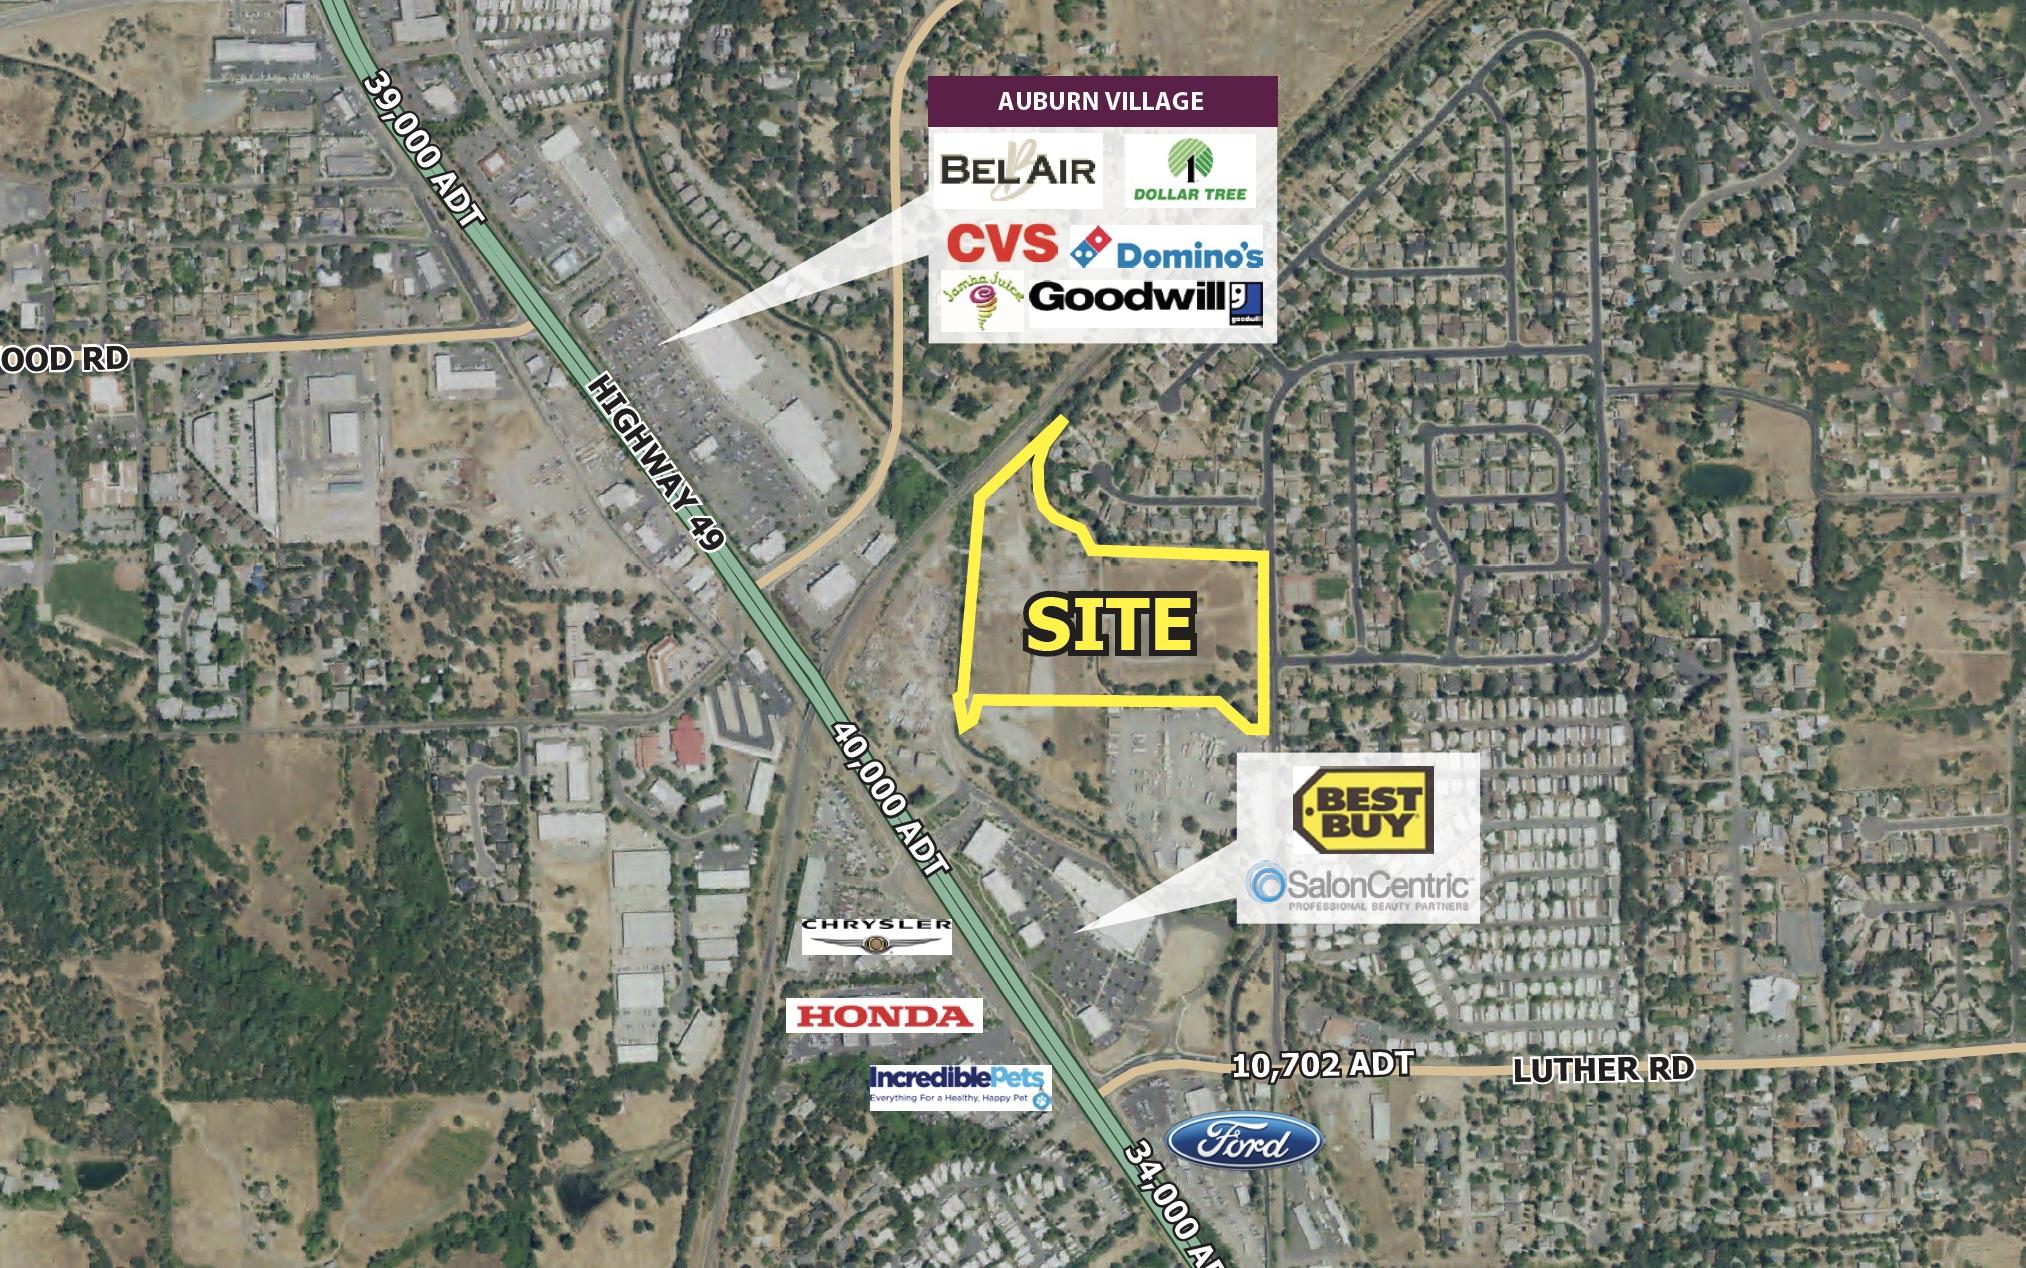 auburn-california-commercial-land-for-sale.jpg